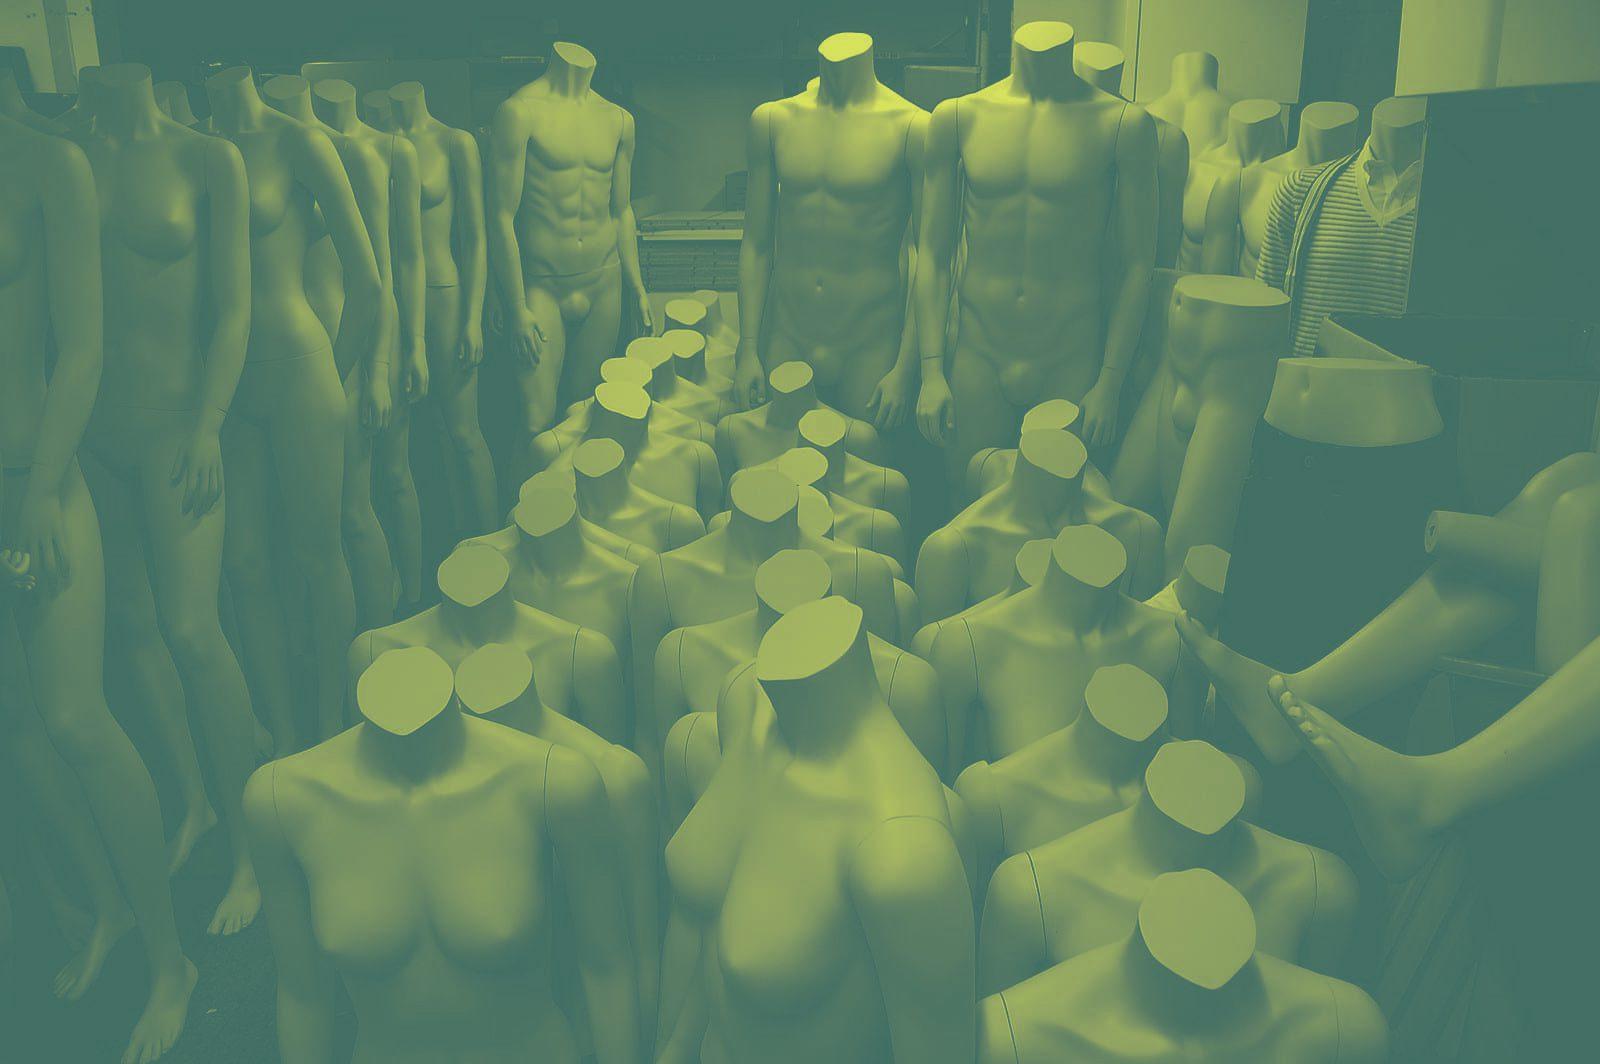 MannequinsInStorage e1501340484716 - Man muss kein Soziologe sein, aber…